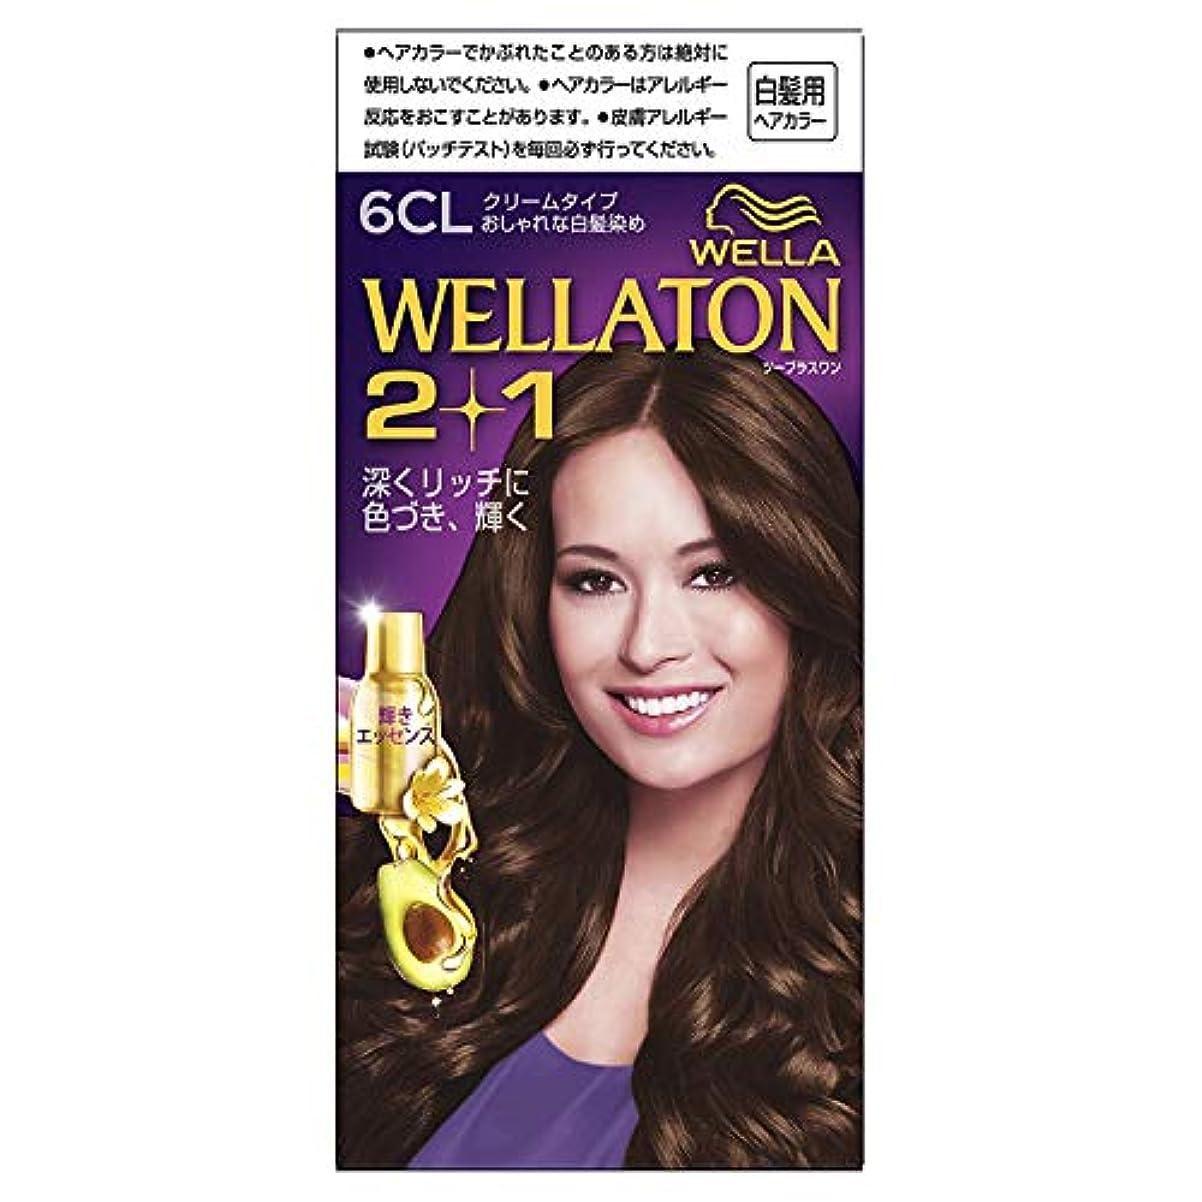 登場投資うまくやる()ウエラトーン2+1 クリームタイプ 6CL [医薬部外品]×6個